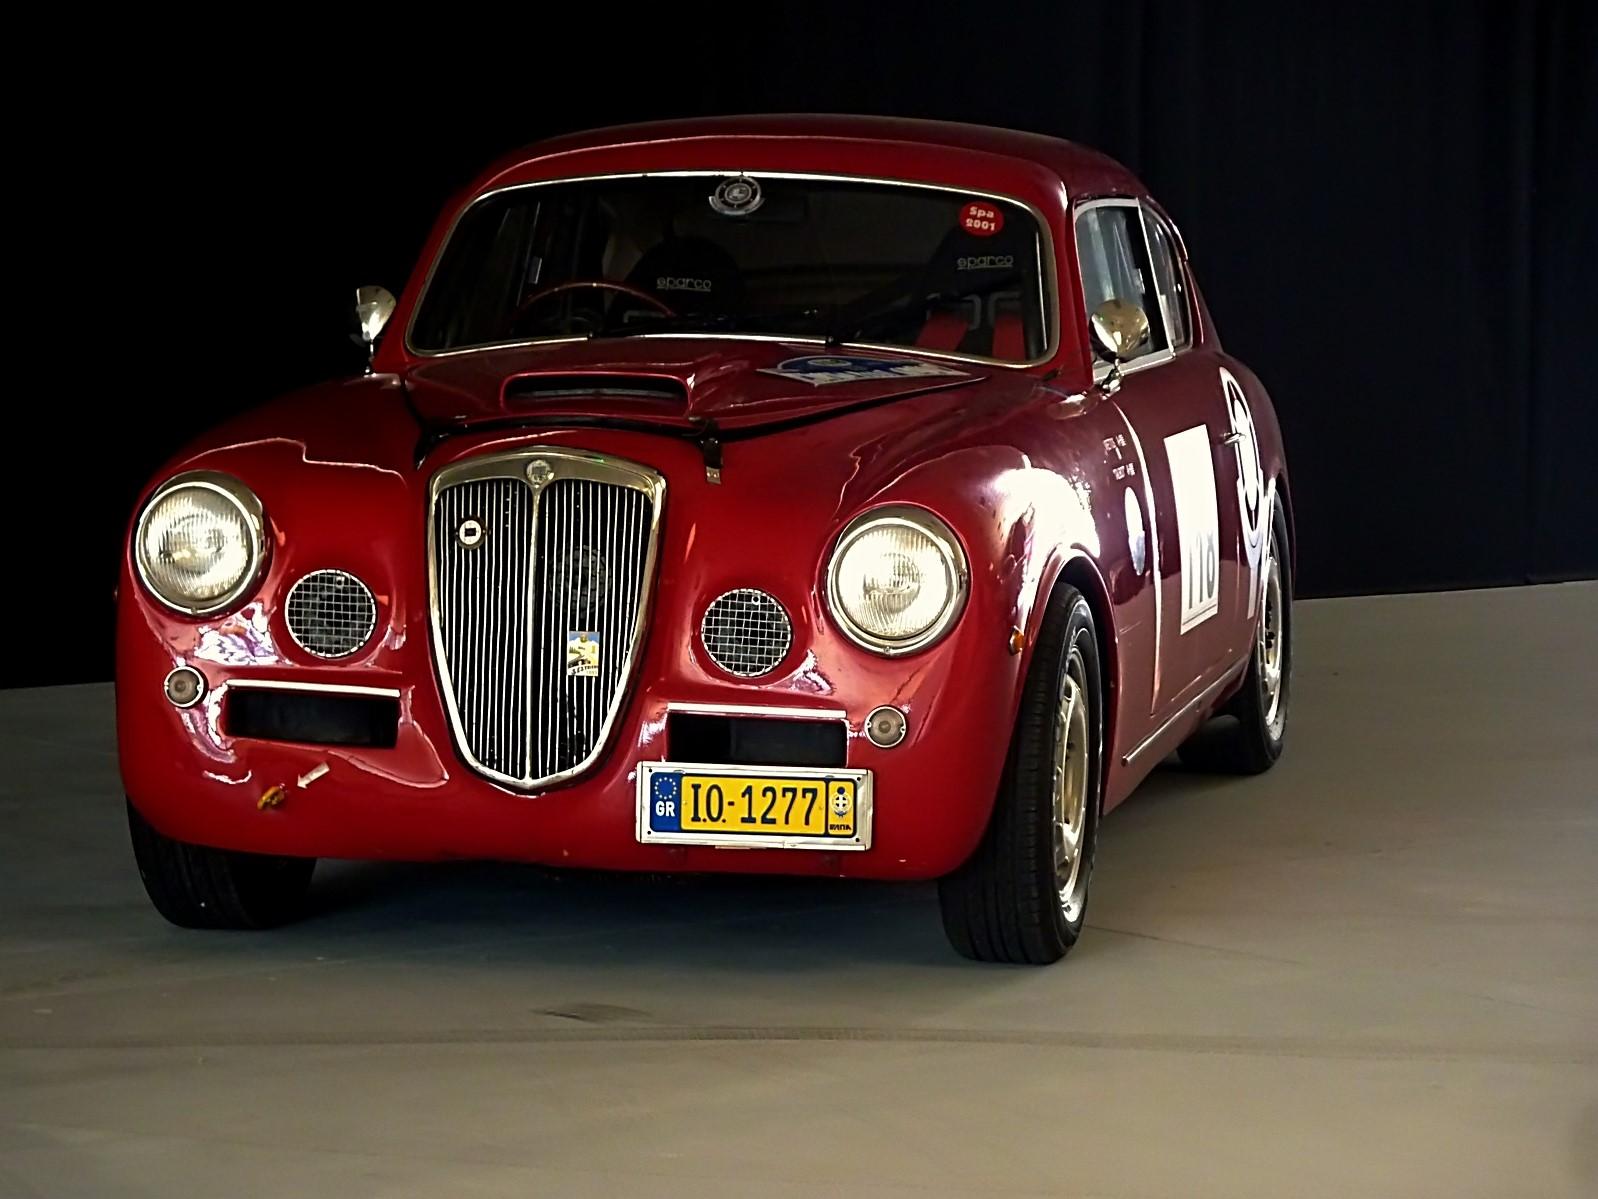 1953 Lancia Aurelia B24 ex L (5)